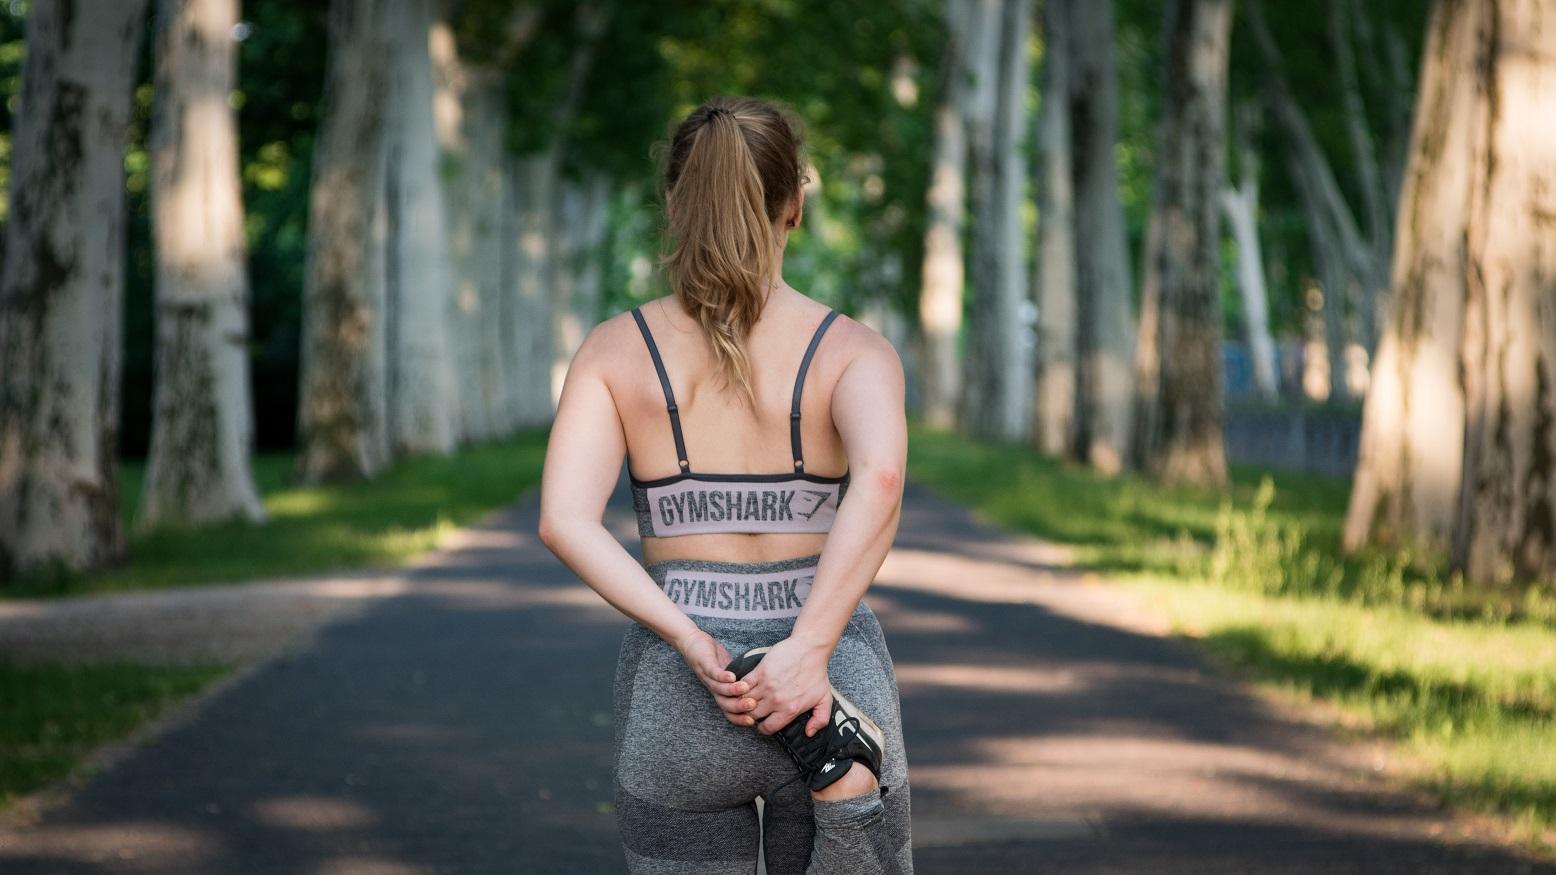 Dieta sportowca powinna być pełnowartościowa i dobrze zbilansowana